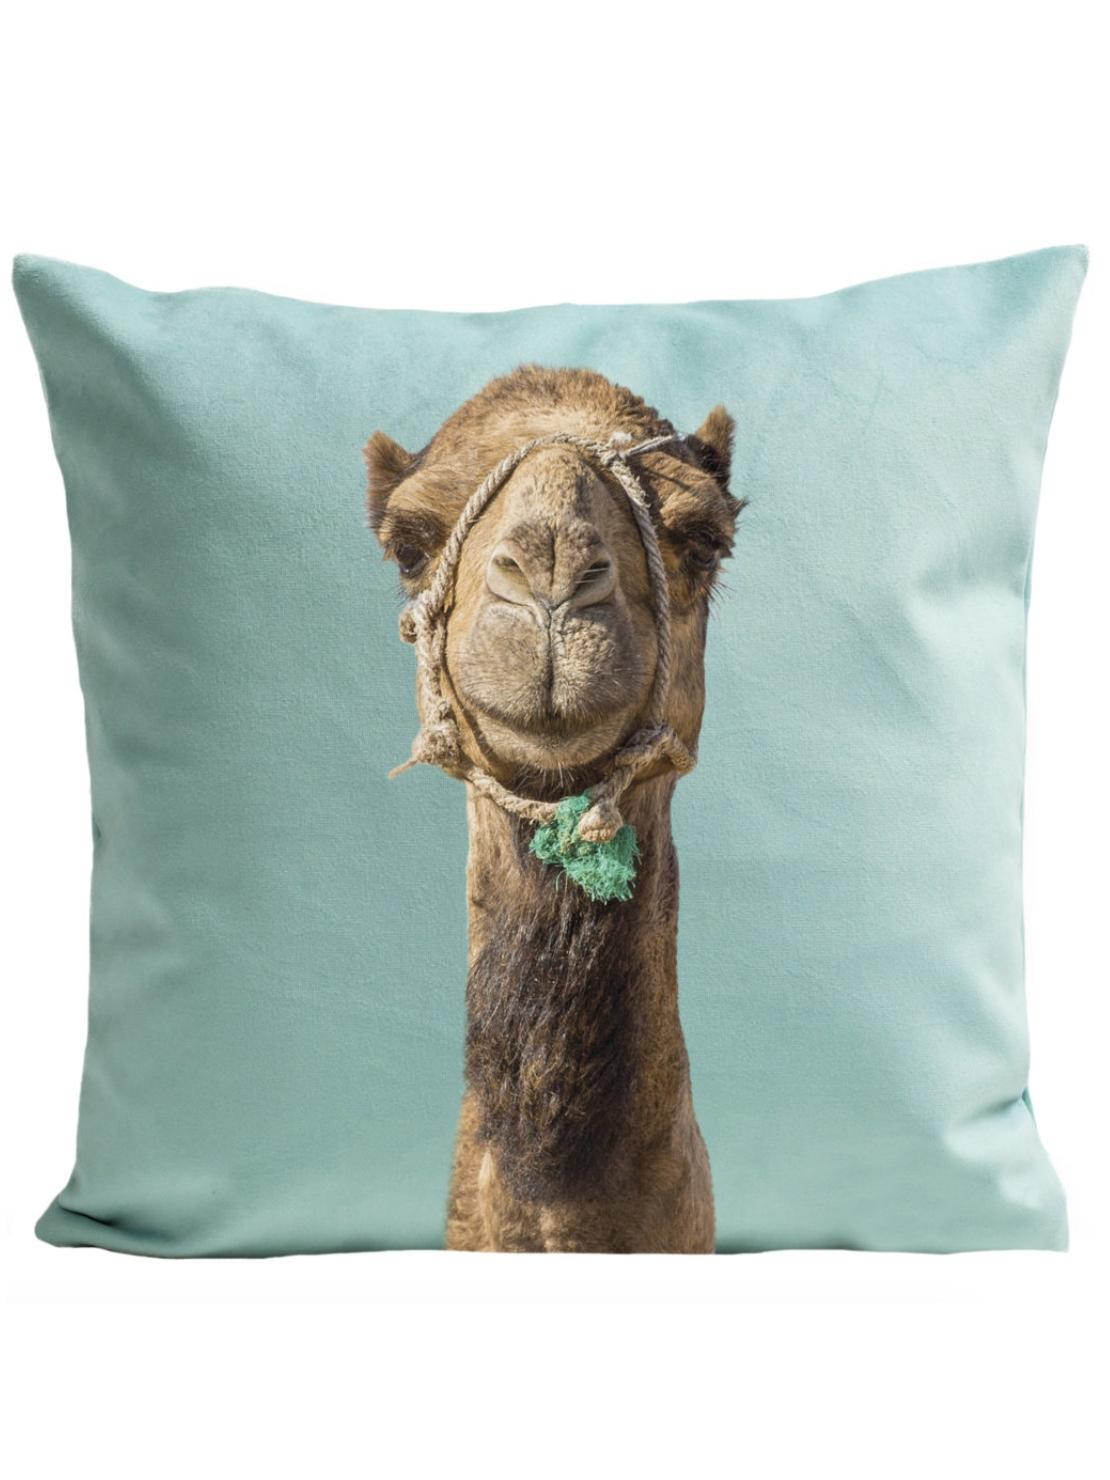 Best Vegan Pillow:  Camel Pillow by Art Pilo